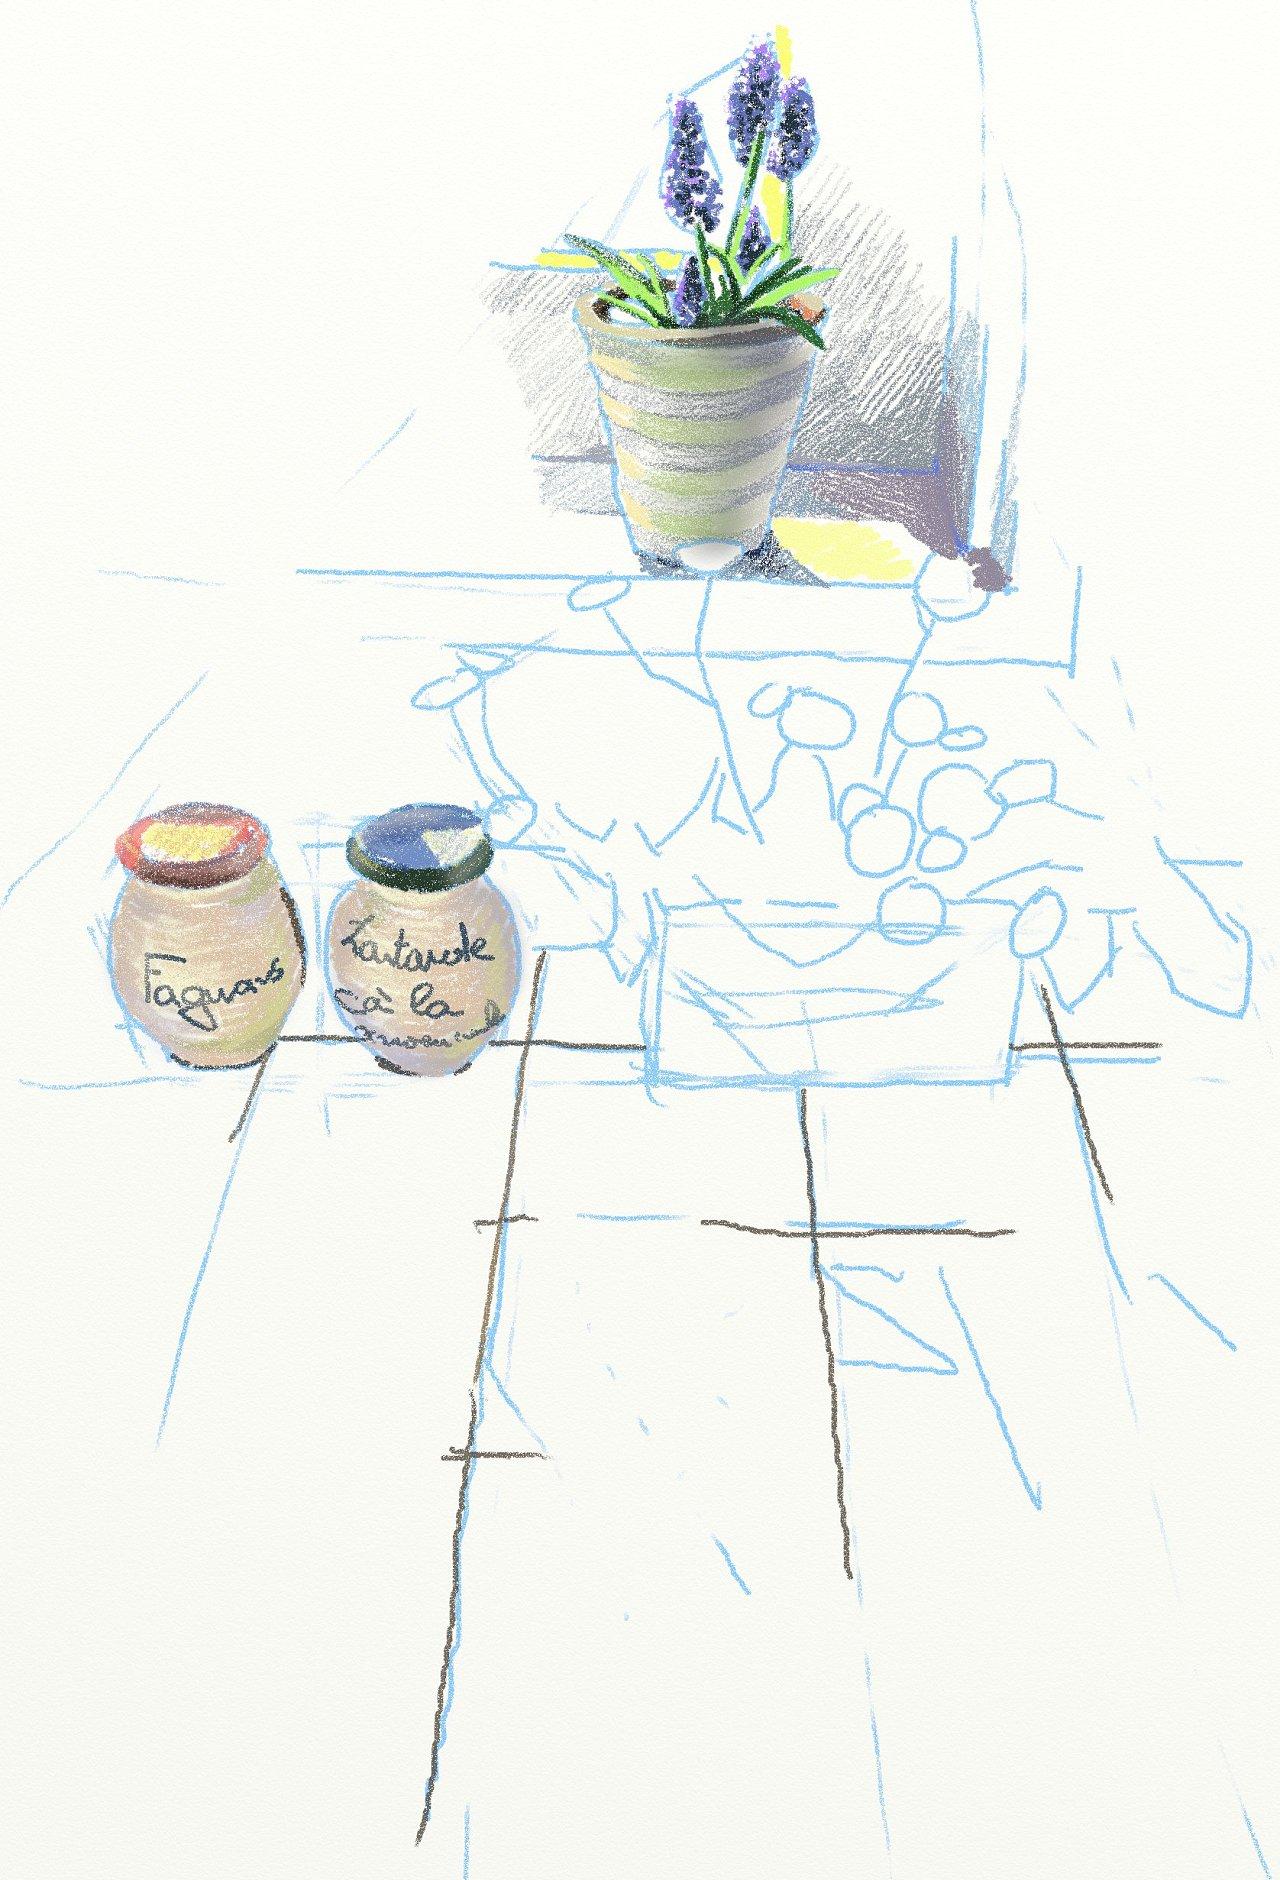 手绘板彩铅练习稿|插画|插画习作|黄三水每东 - 原创